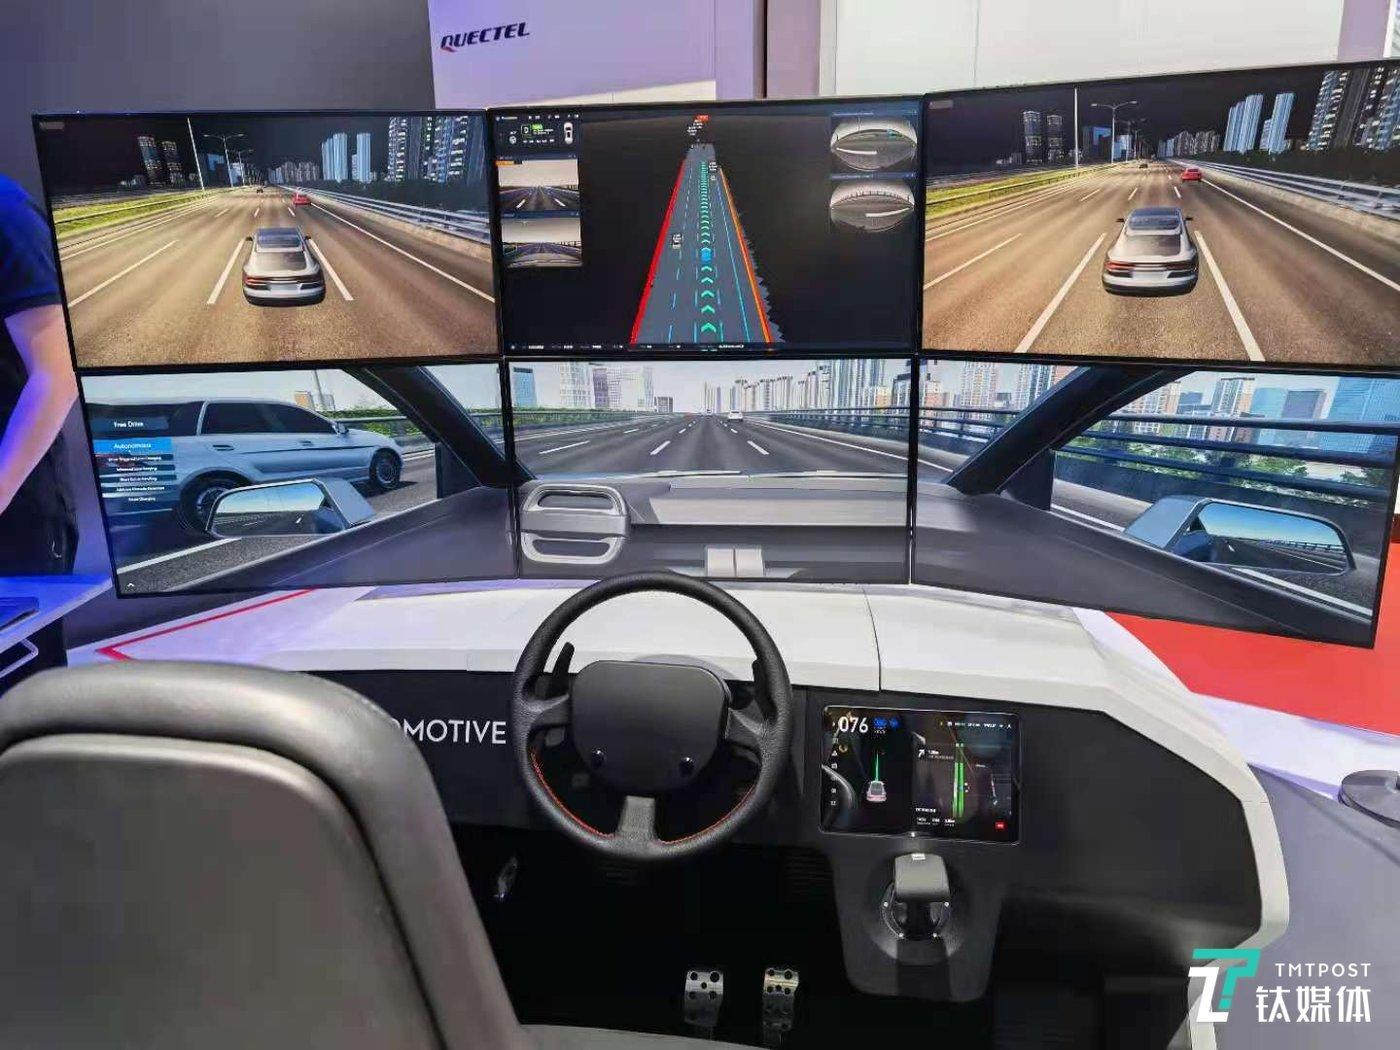 大疆自动驾驶模拟系统展示